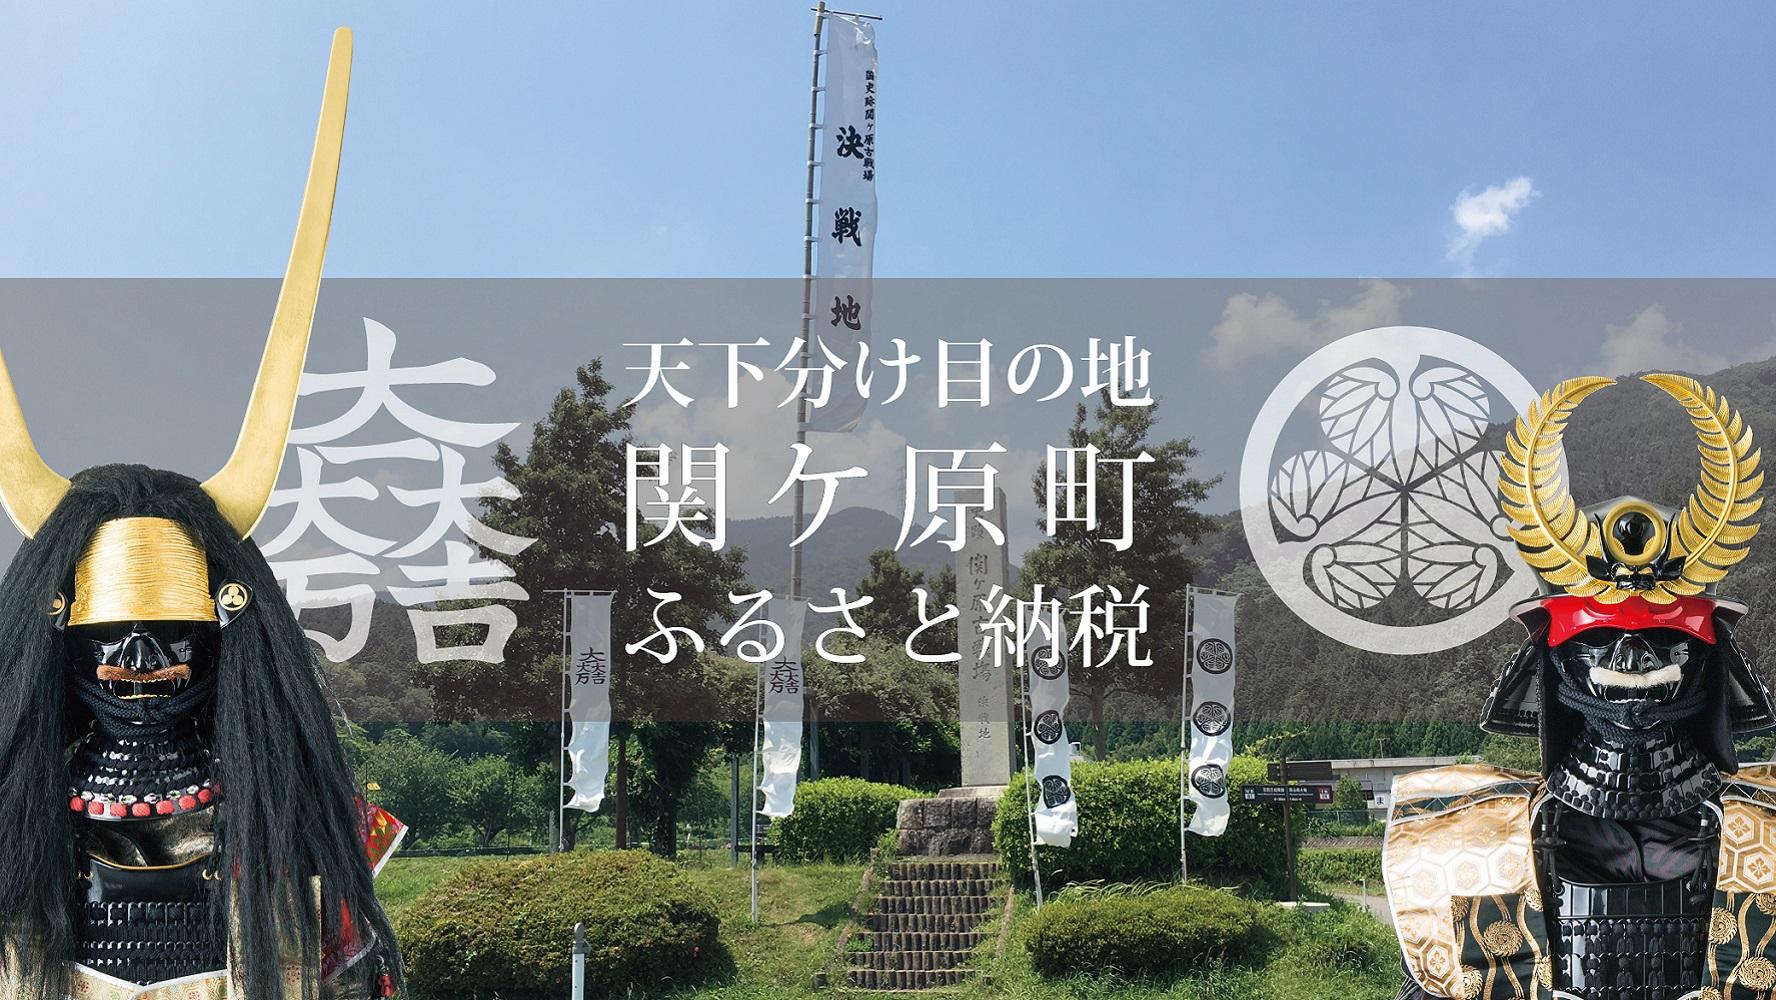 ふるさとパレットに岐阜県関ケ原町が参加しました